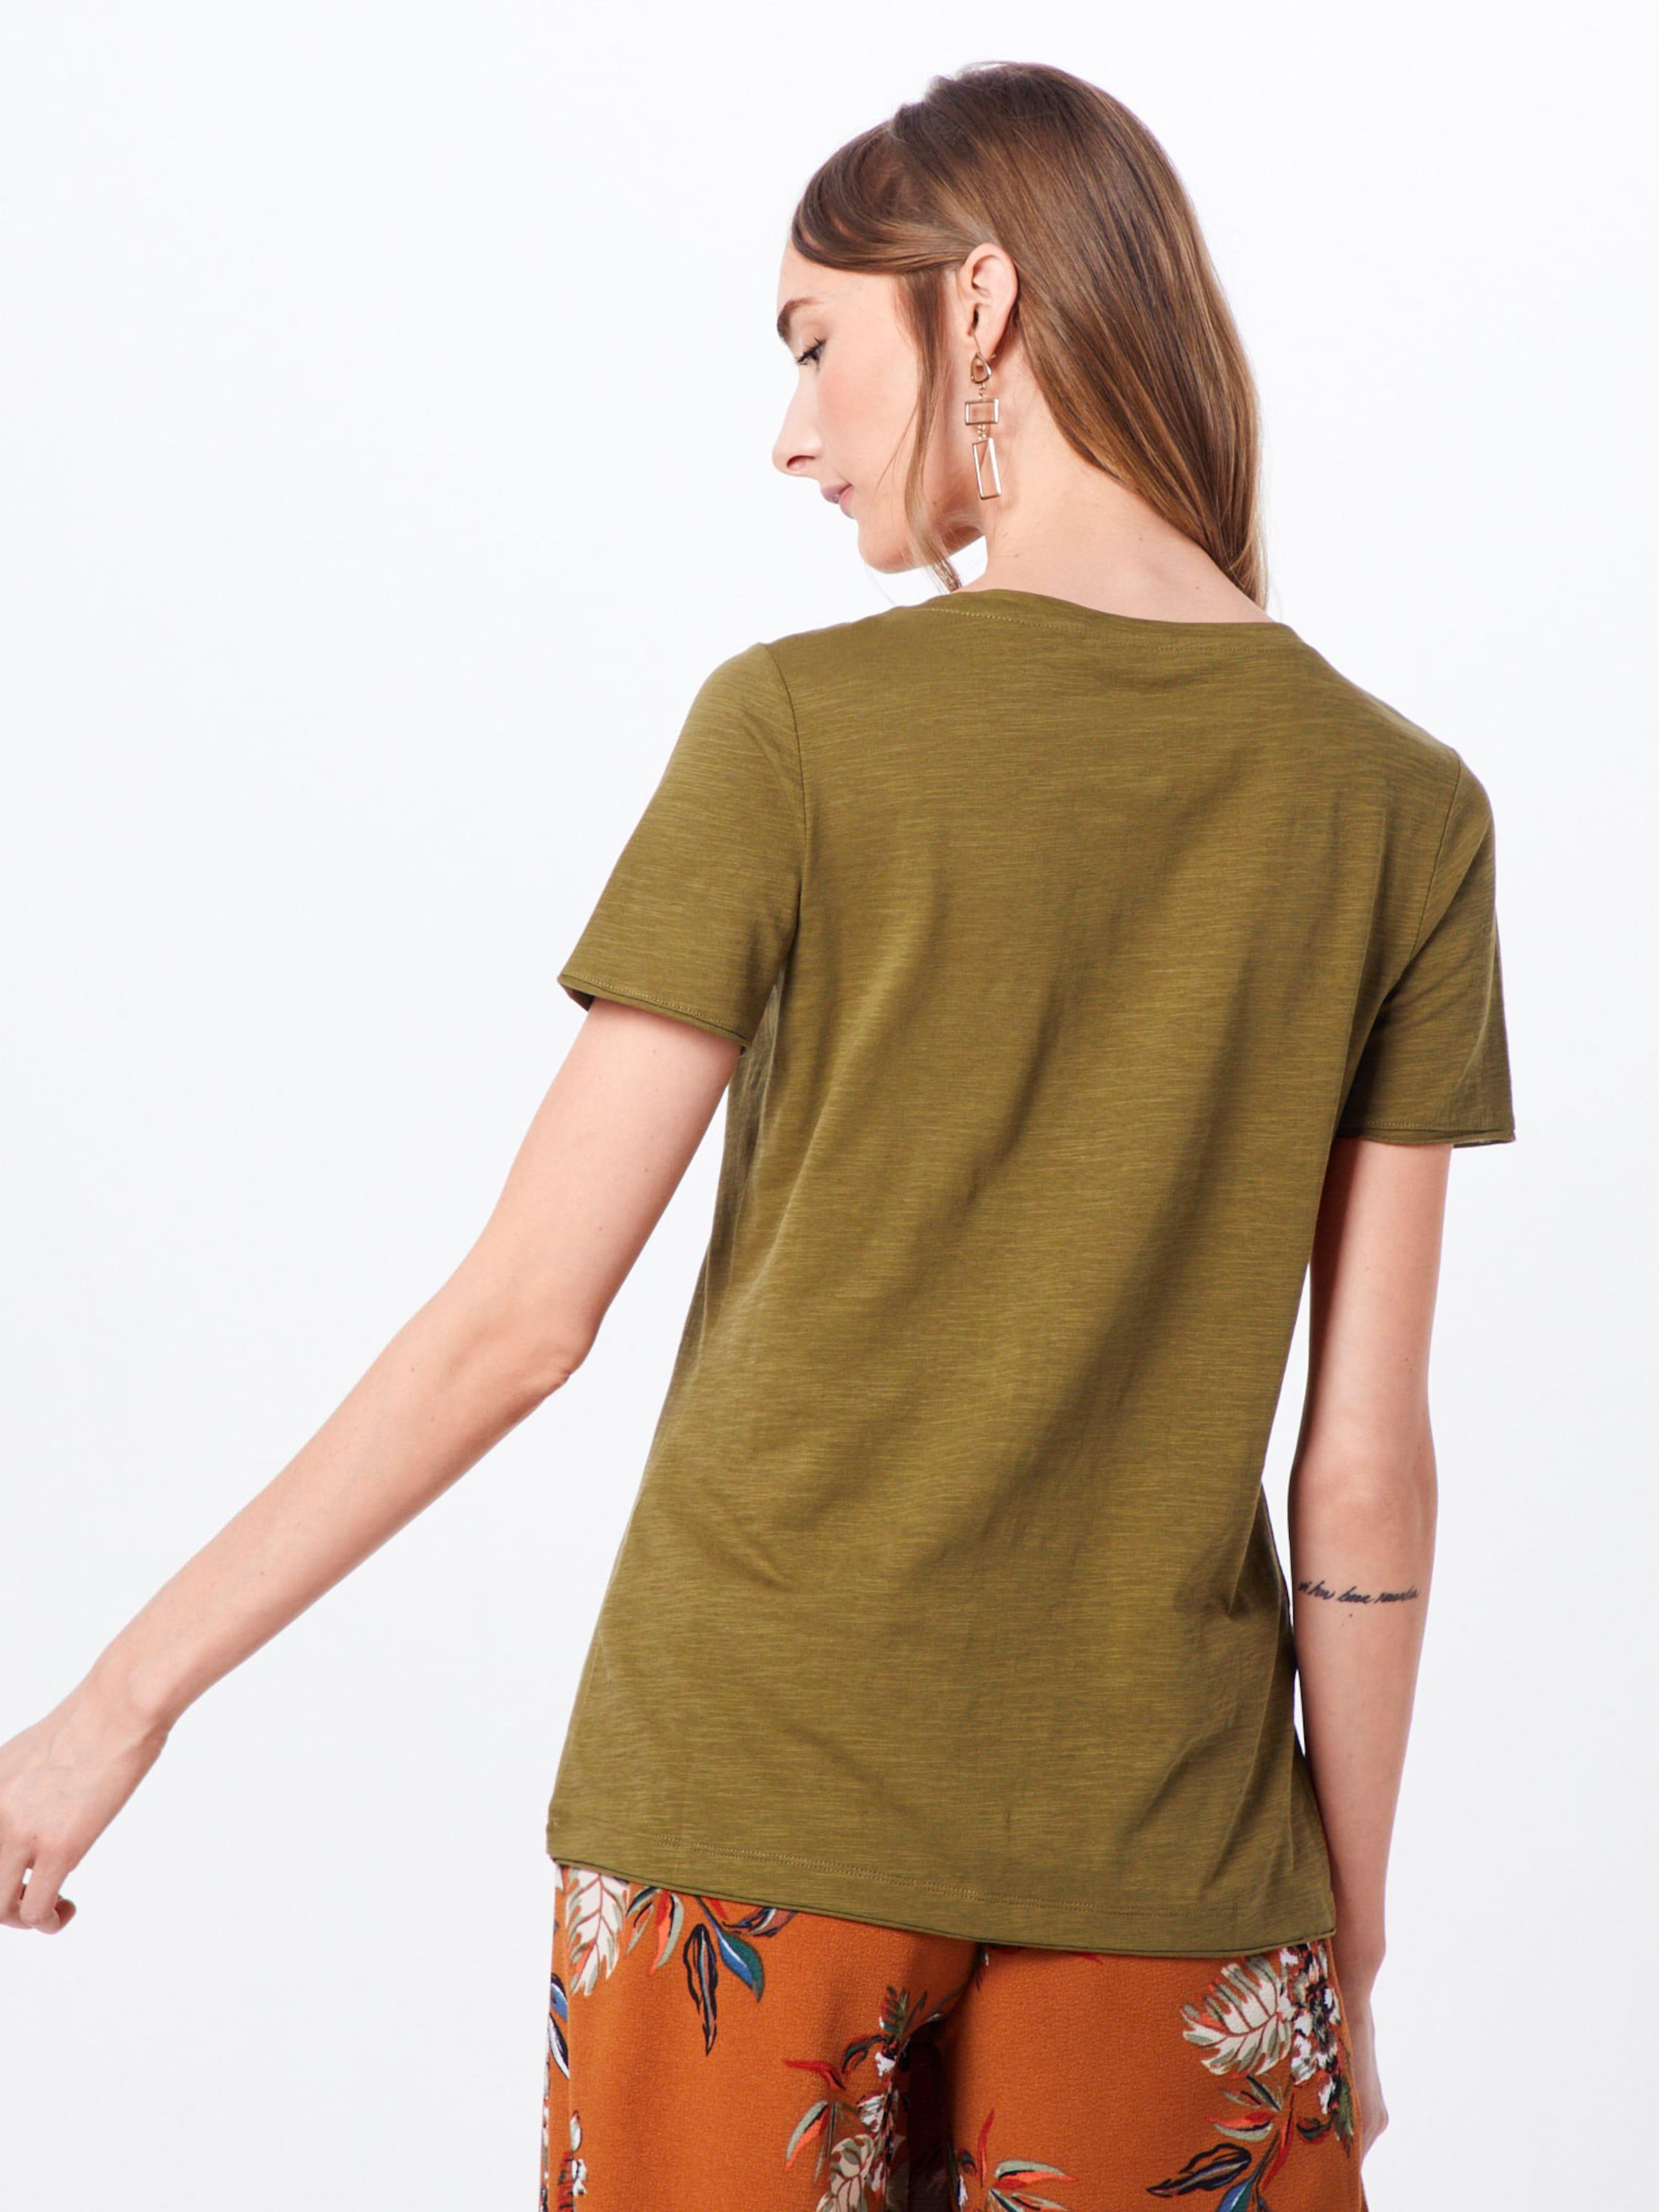 oliver Shirt In Label Oliv S Red JclFKT1